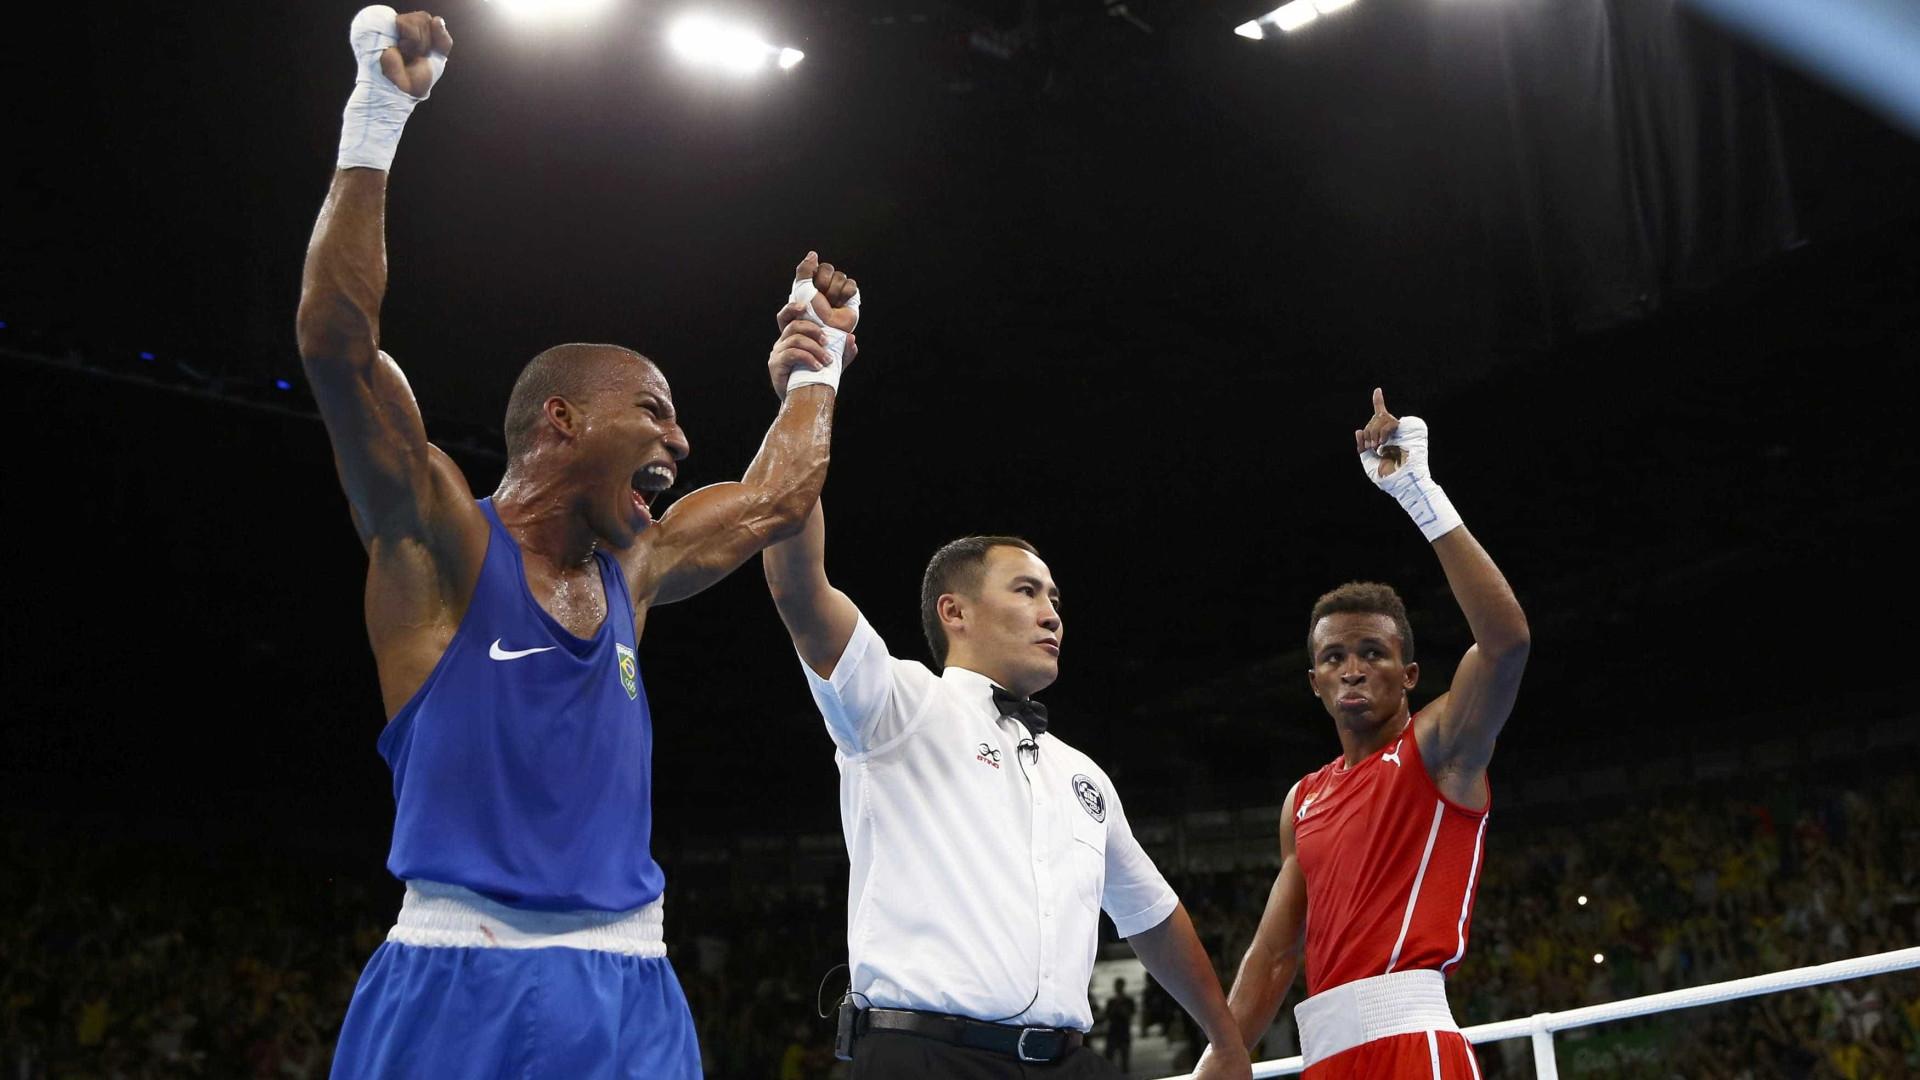 Robson Conceição derrota cubano e  disputará ouro no boxe